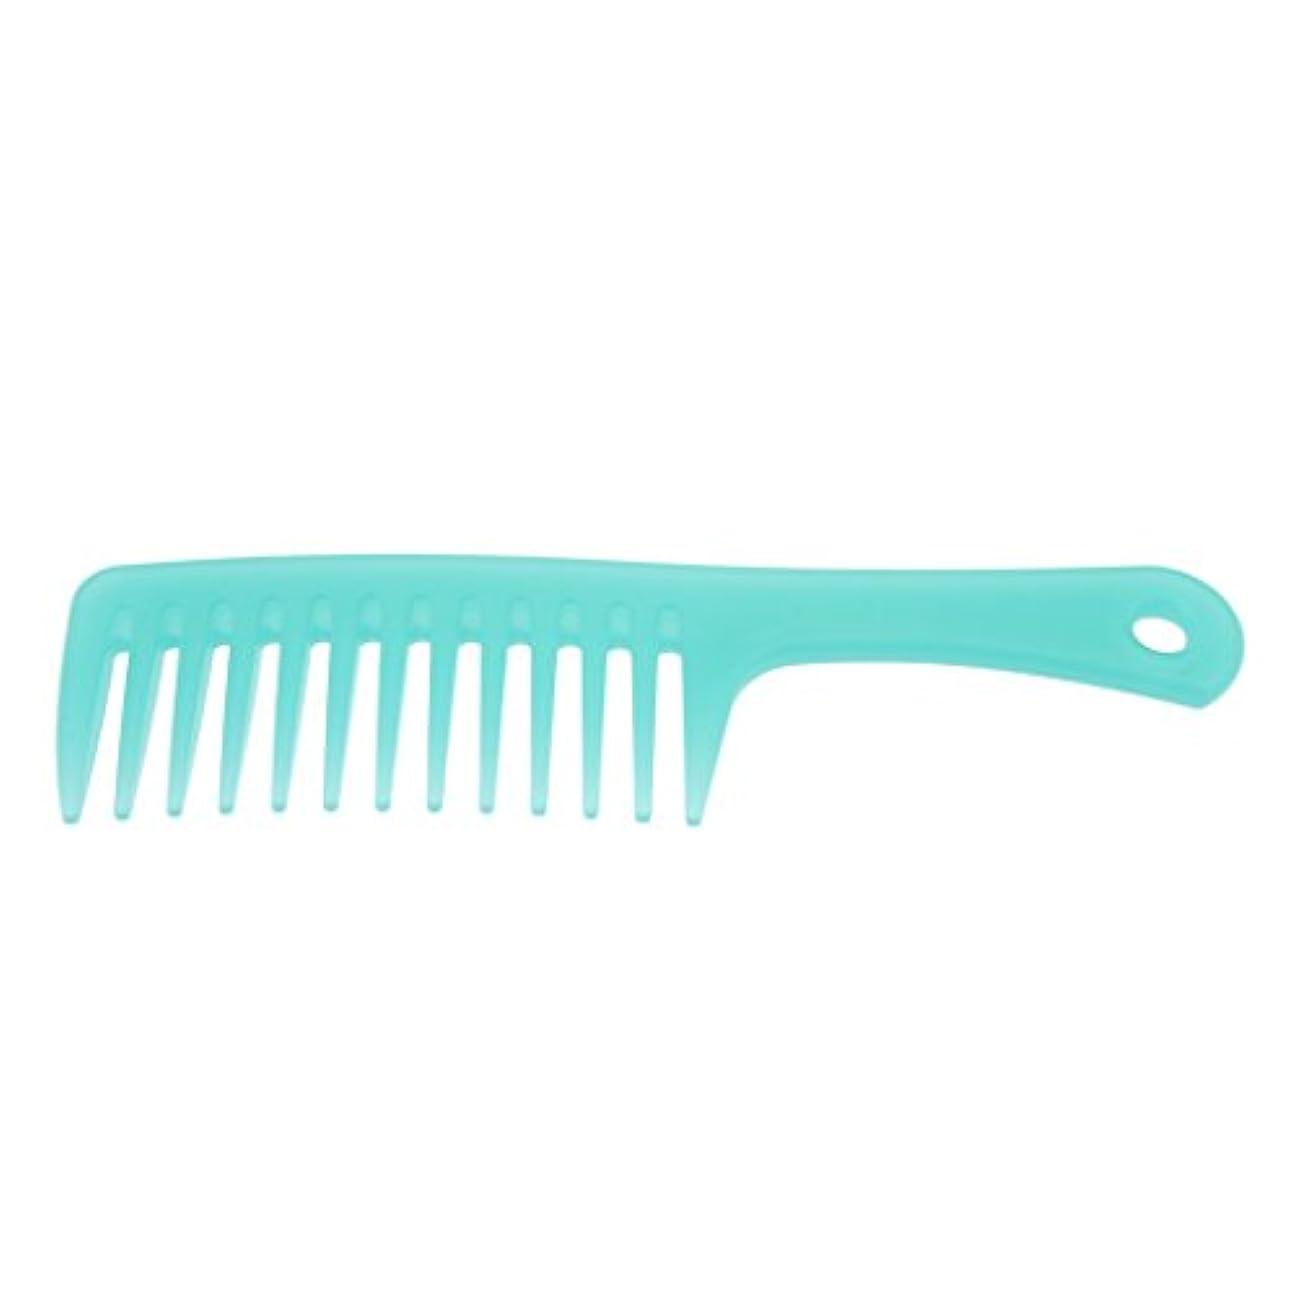 コットン飼料天皇ヘアコーム ヘアブラシ くし ワイド歯 櫛 帯電防止 便利 3タイプ選べる - B